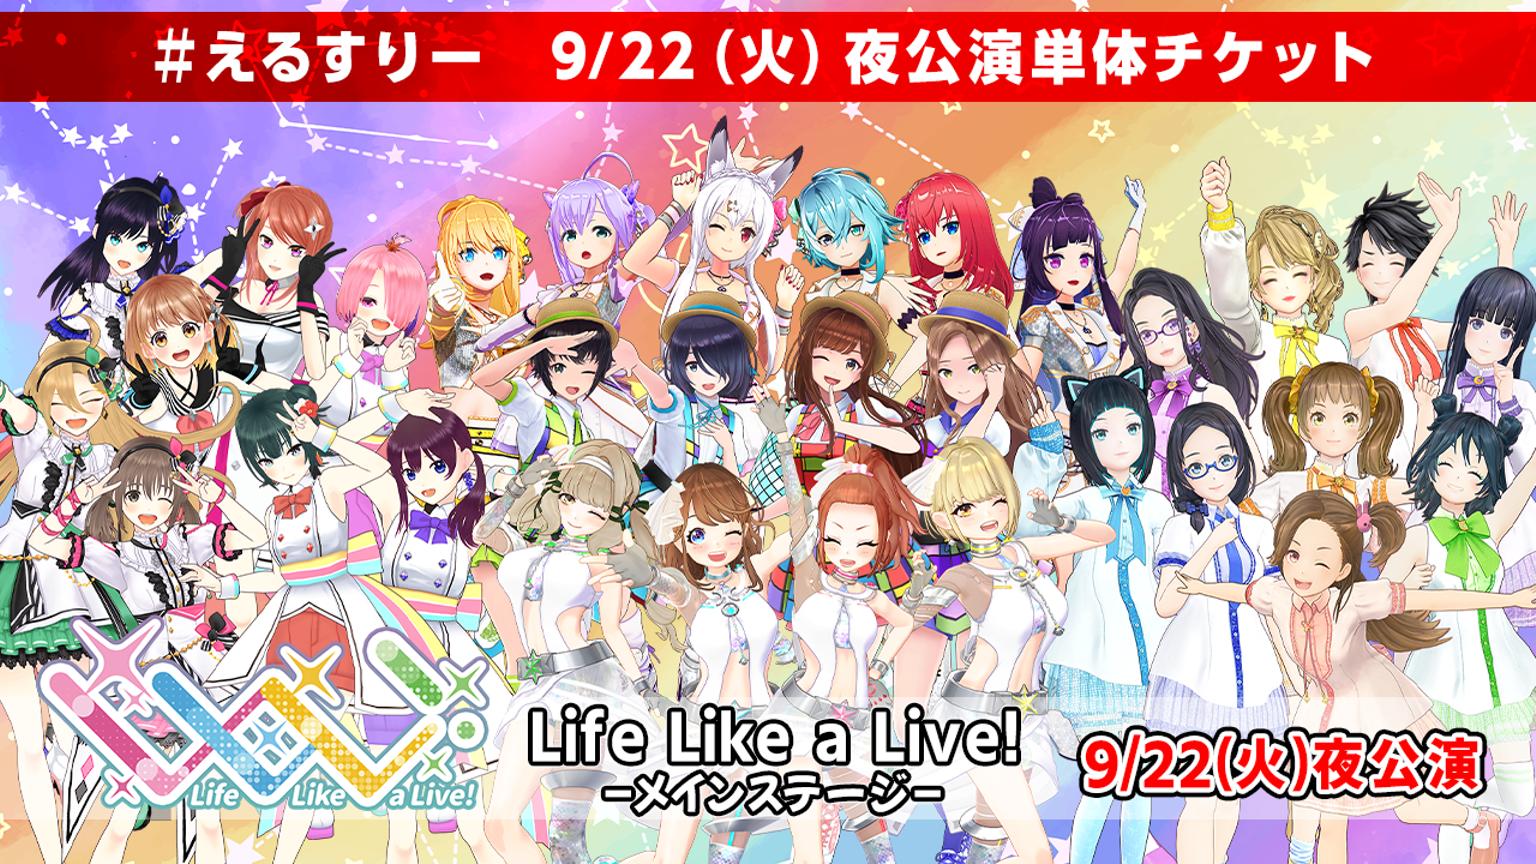 【9/22(火・祝)夜】Life Like a Live!